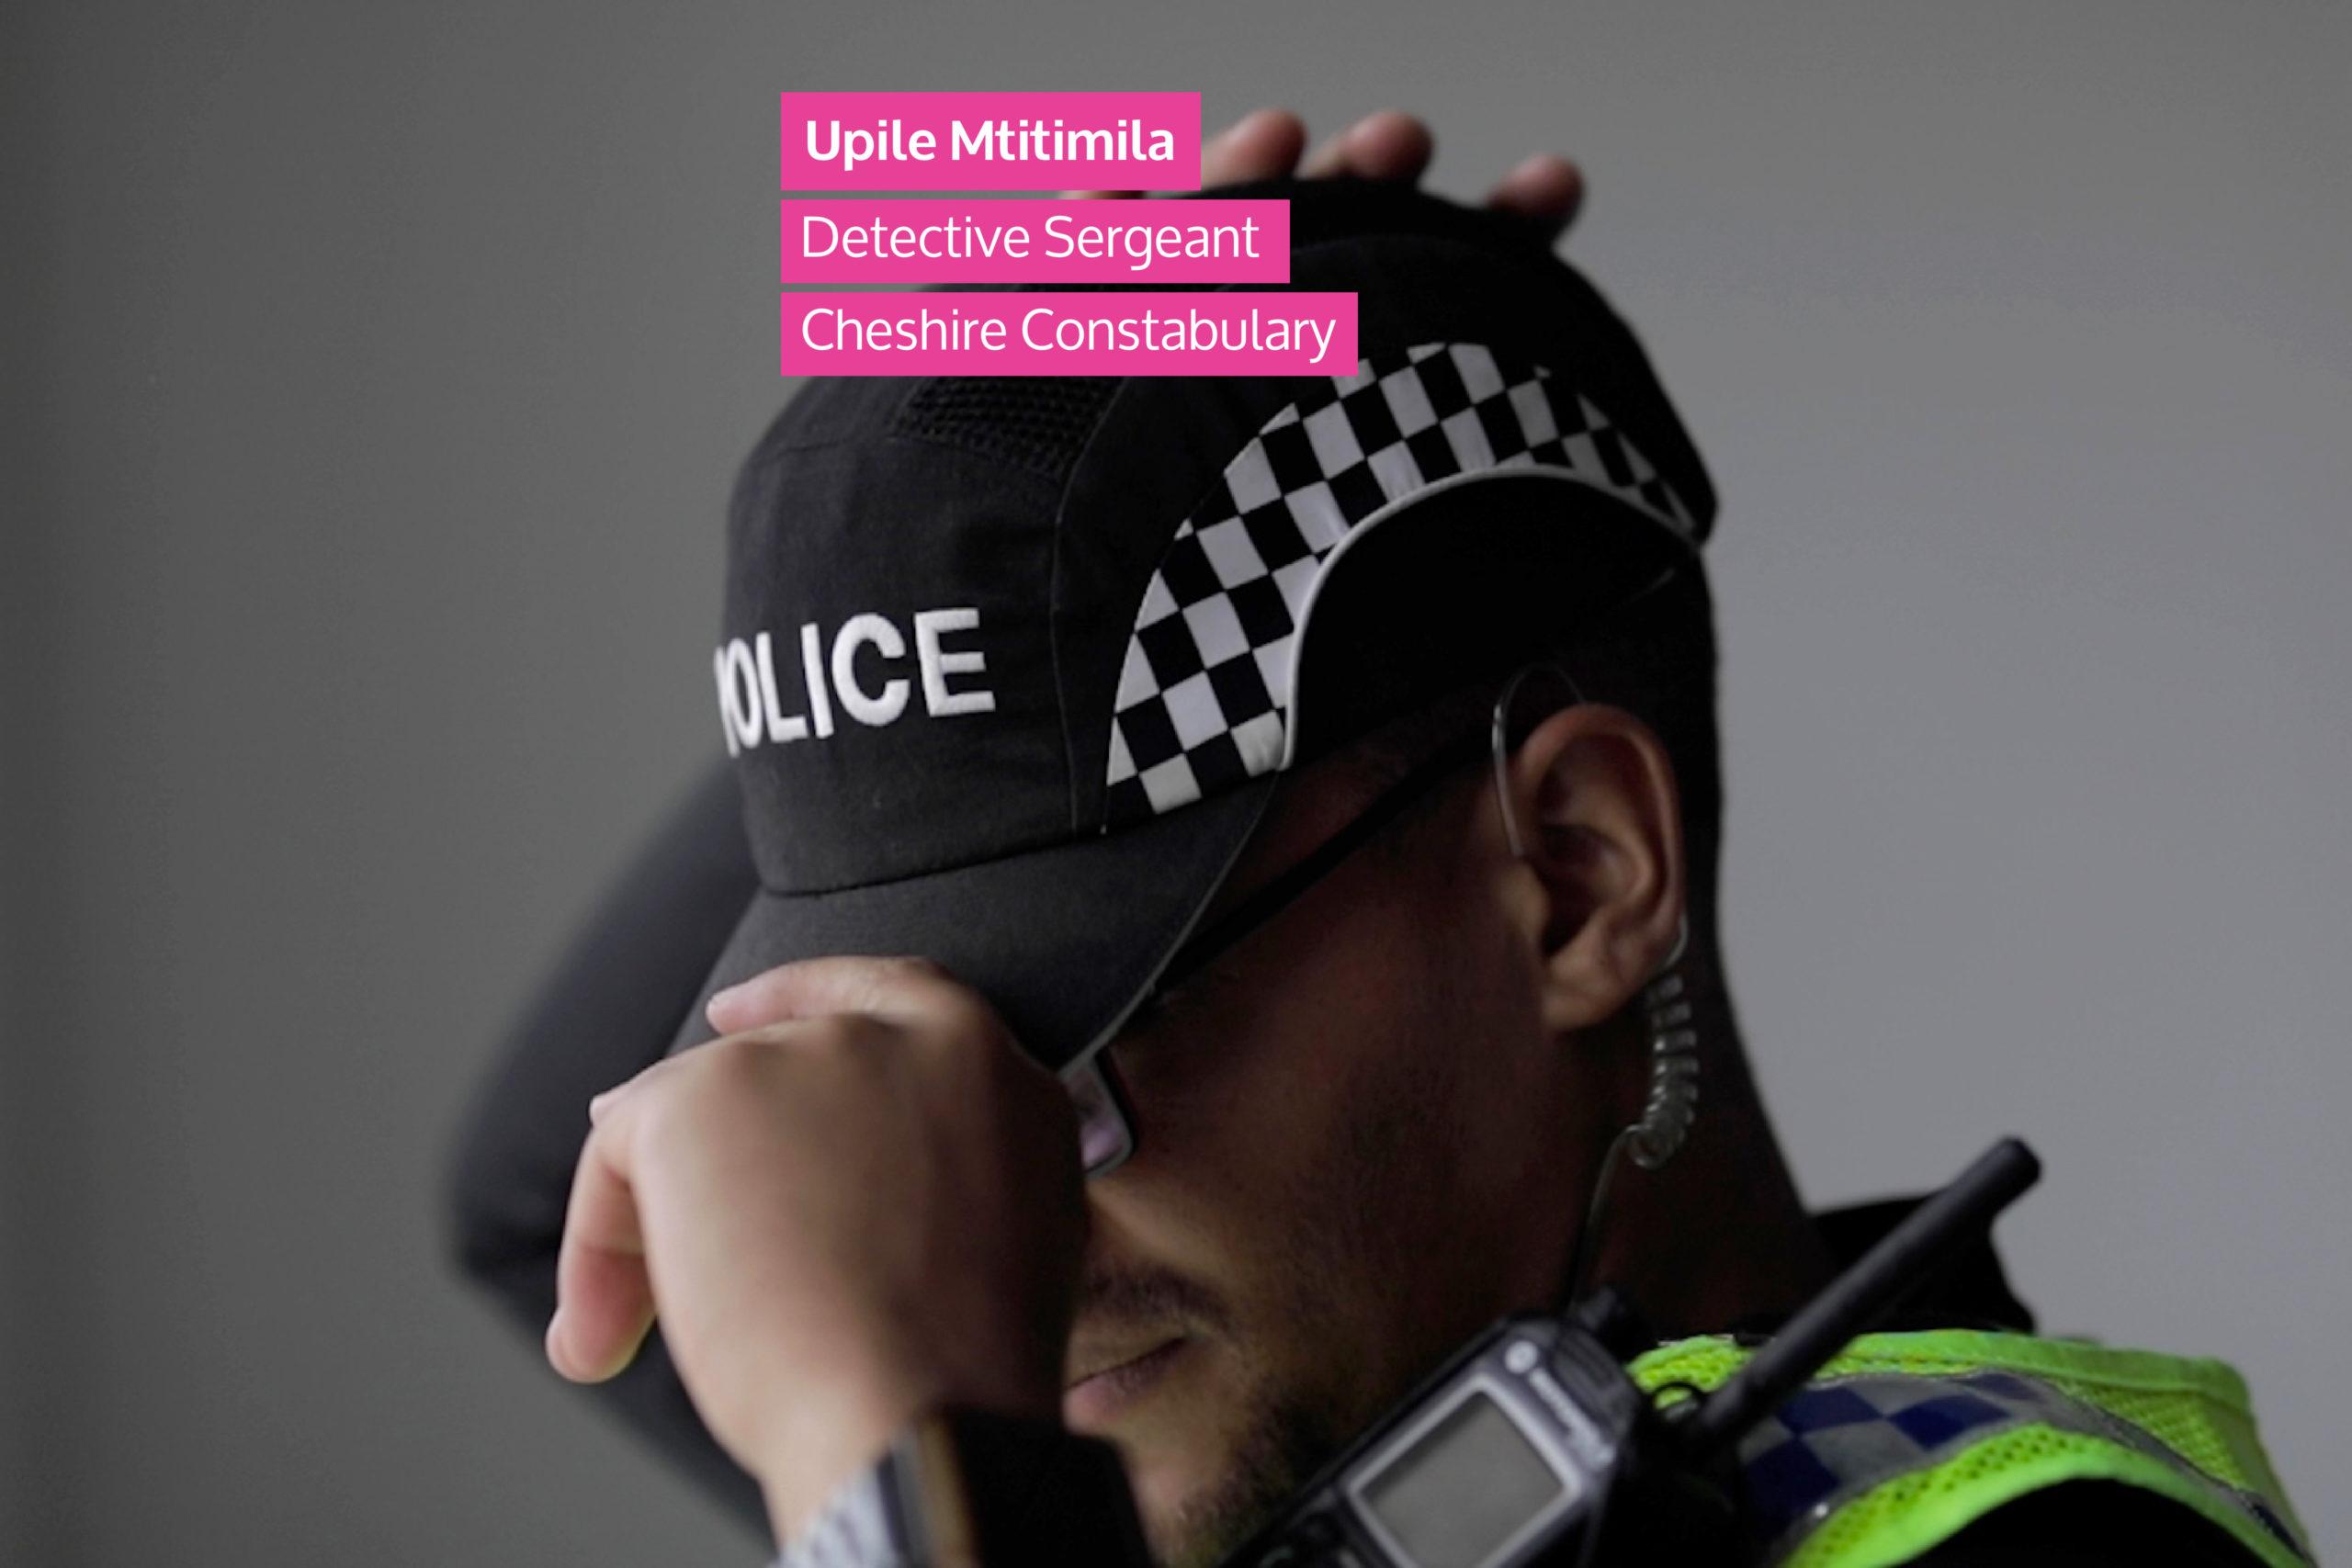 Upile Mtitimila | Detective Sergeant, Cheshire Constabulary